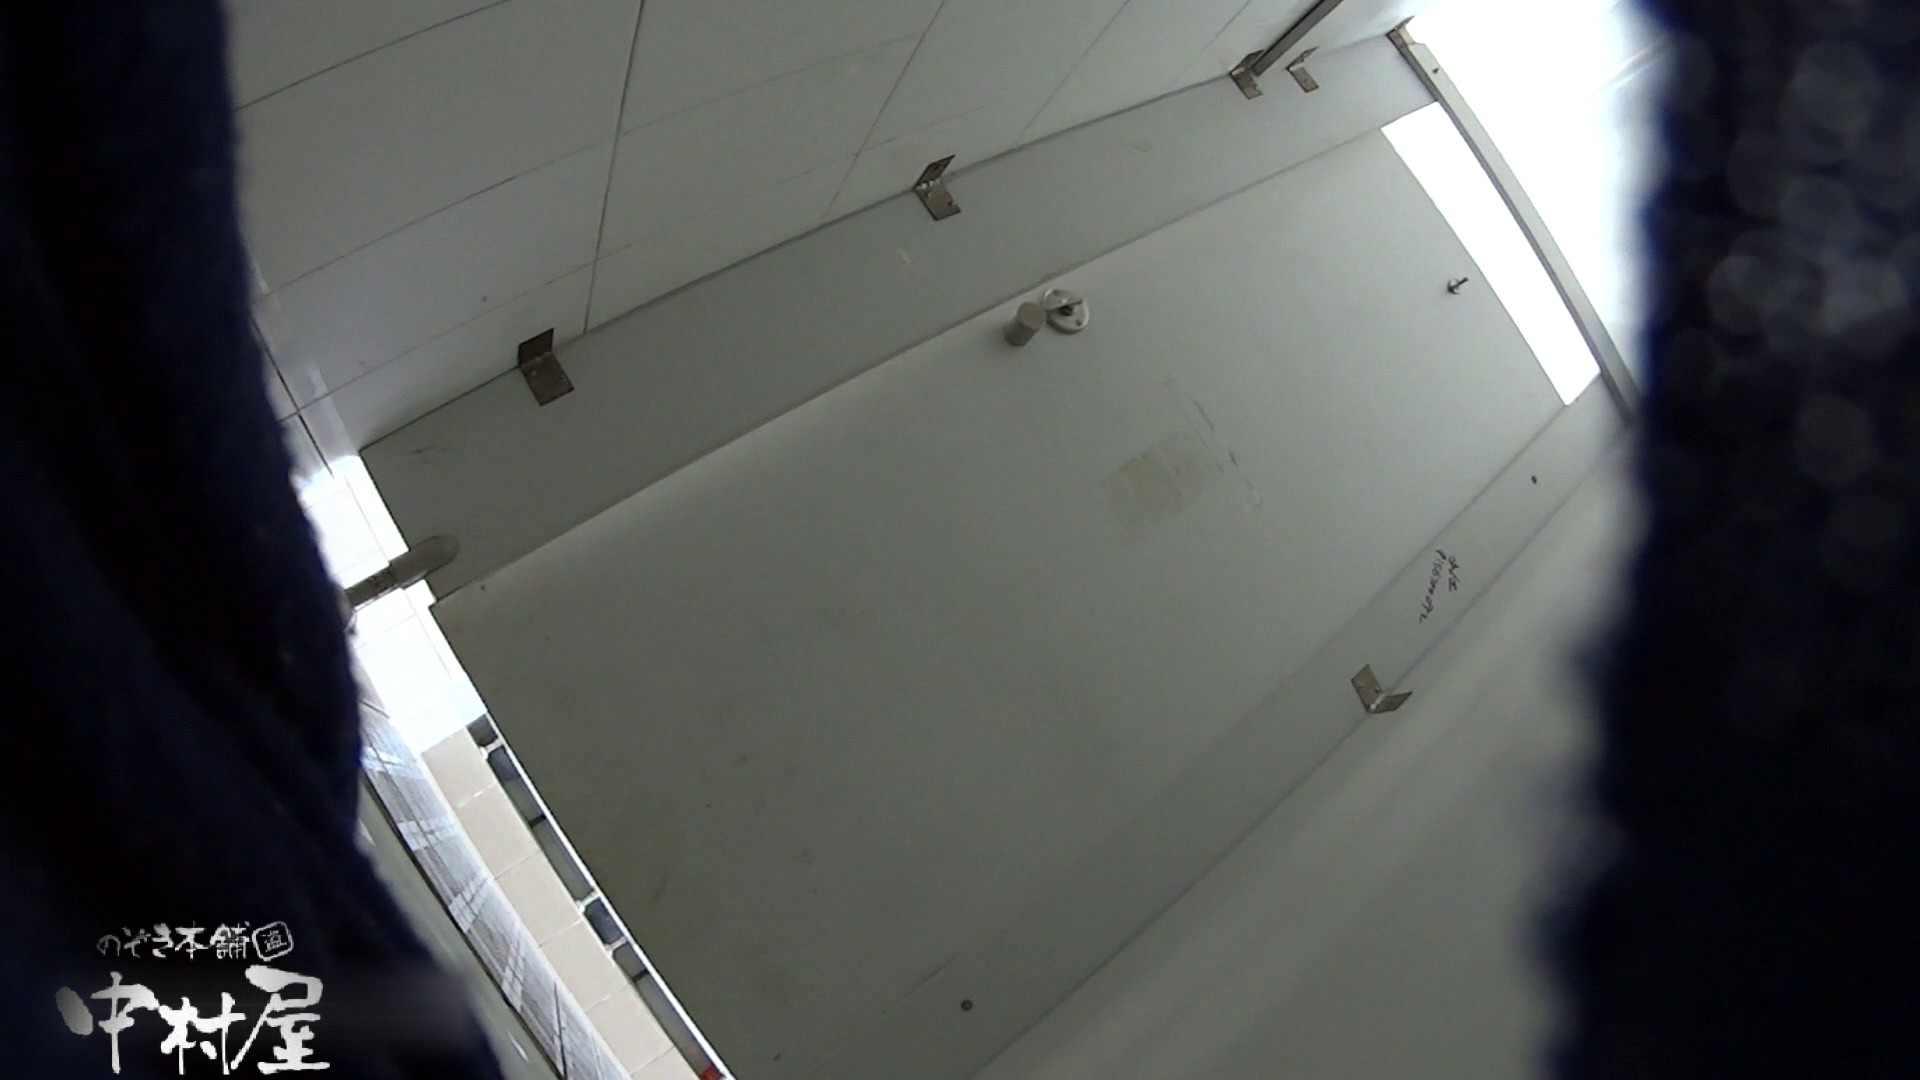 うんこがとても綺麗に出ています!有名大学休憩時間の洗面所事情05 ギャルのうんこ AV動画キャプチャ 112連発 29